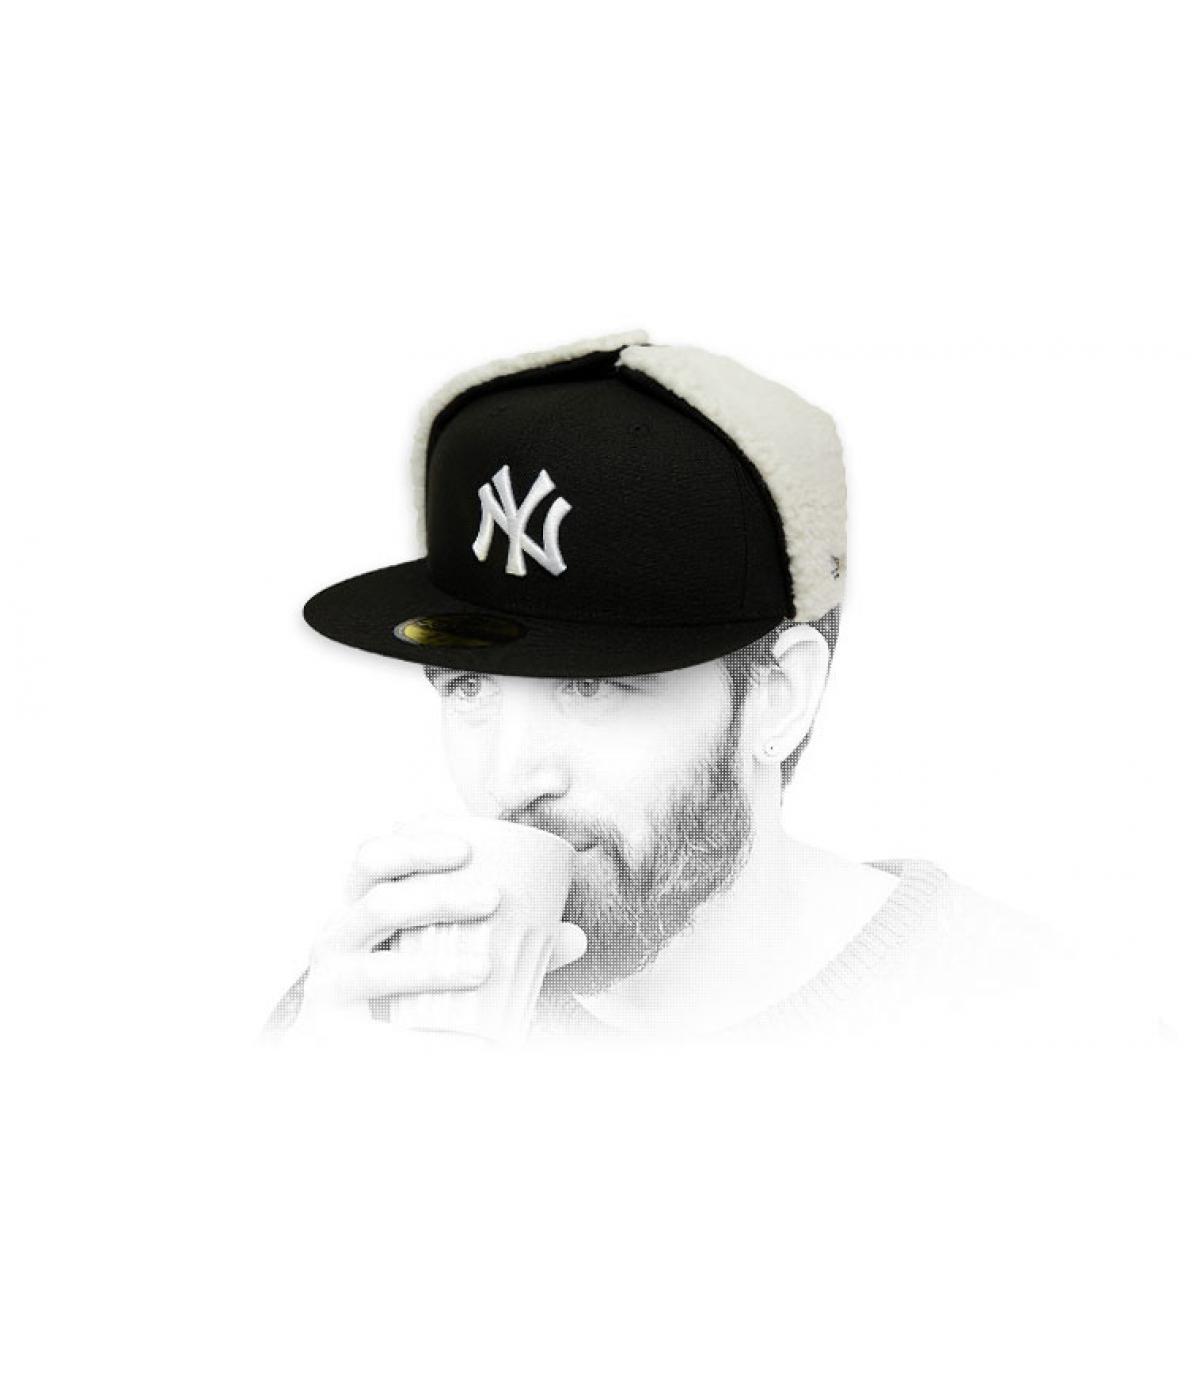 berretto NY nero bianco protegge le orecchie